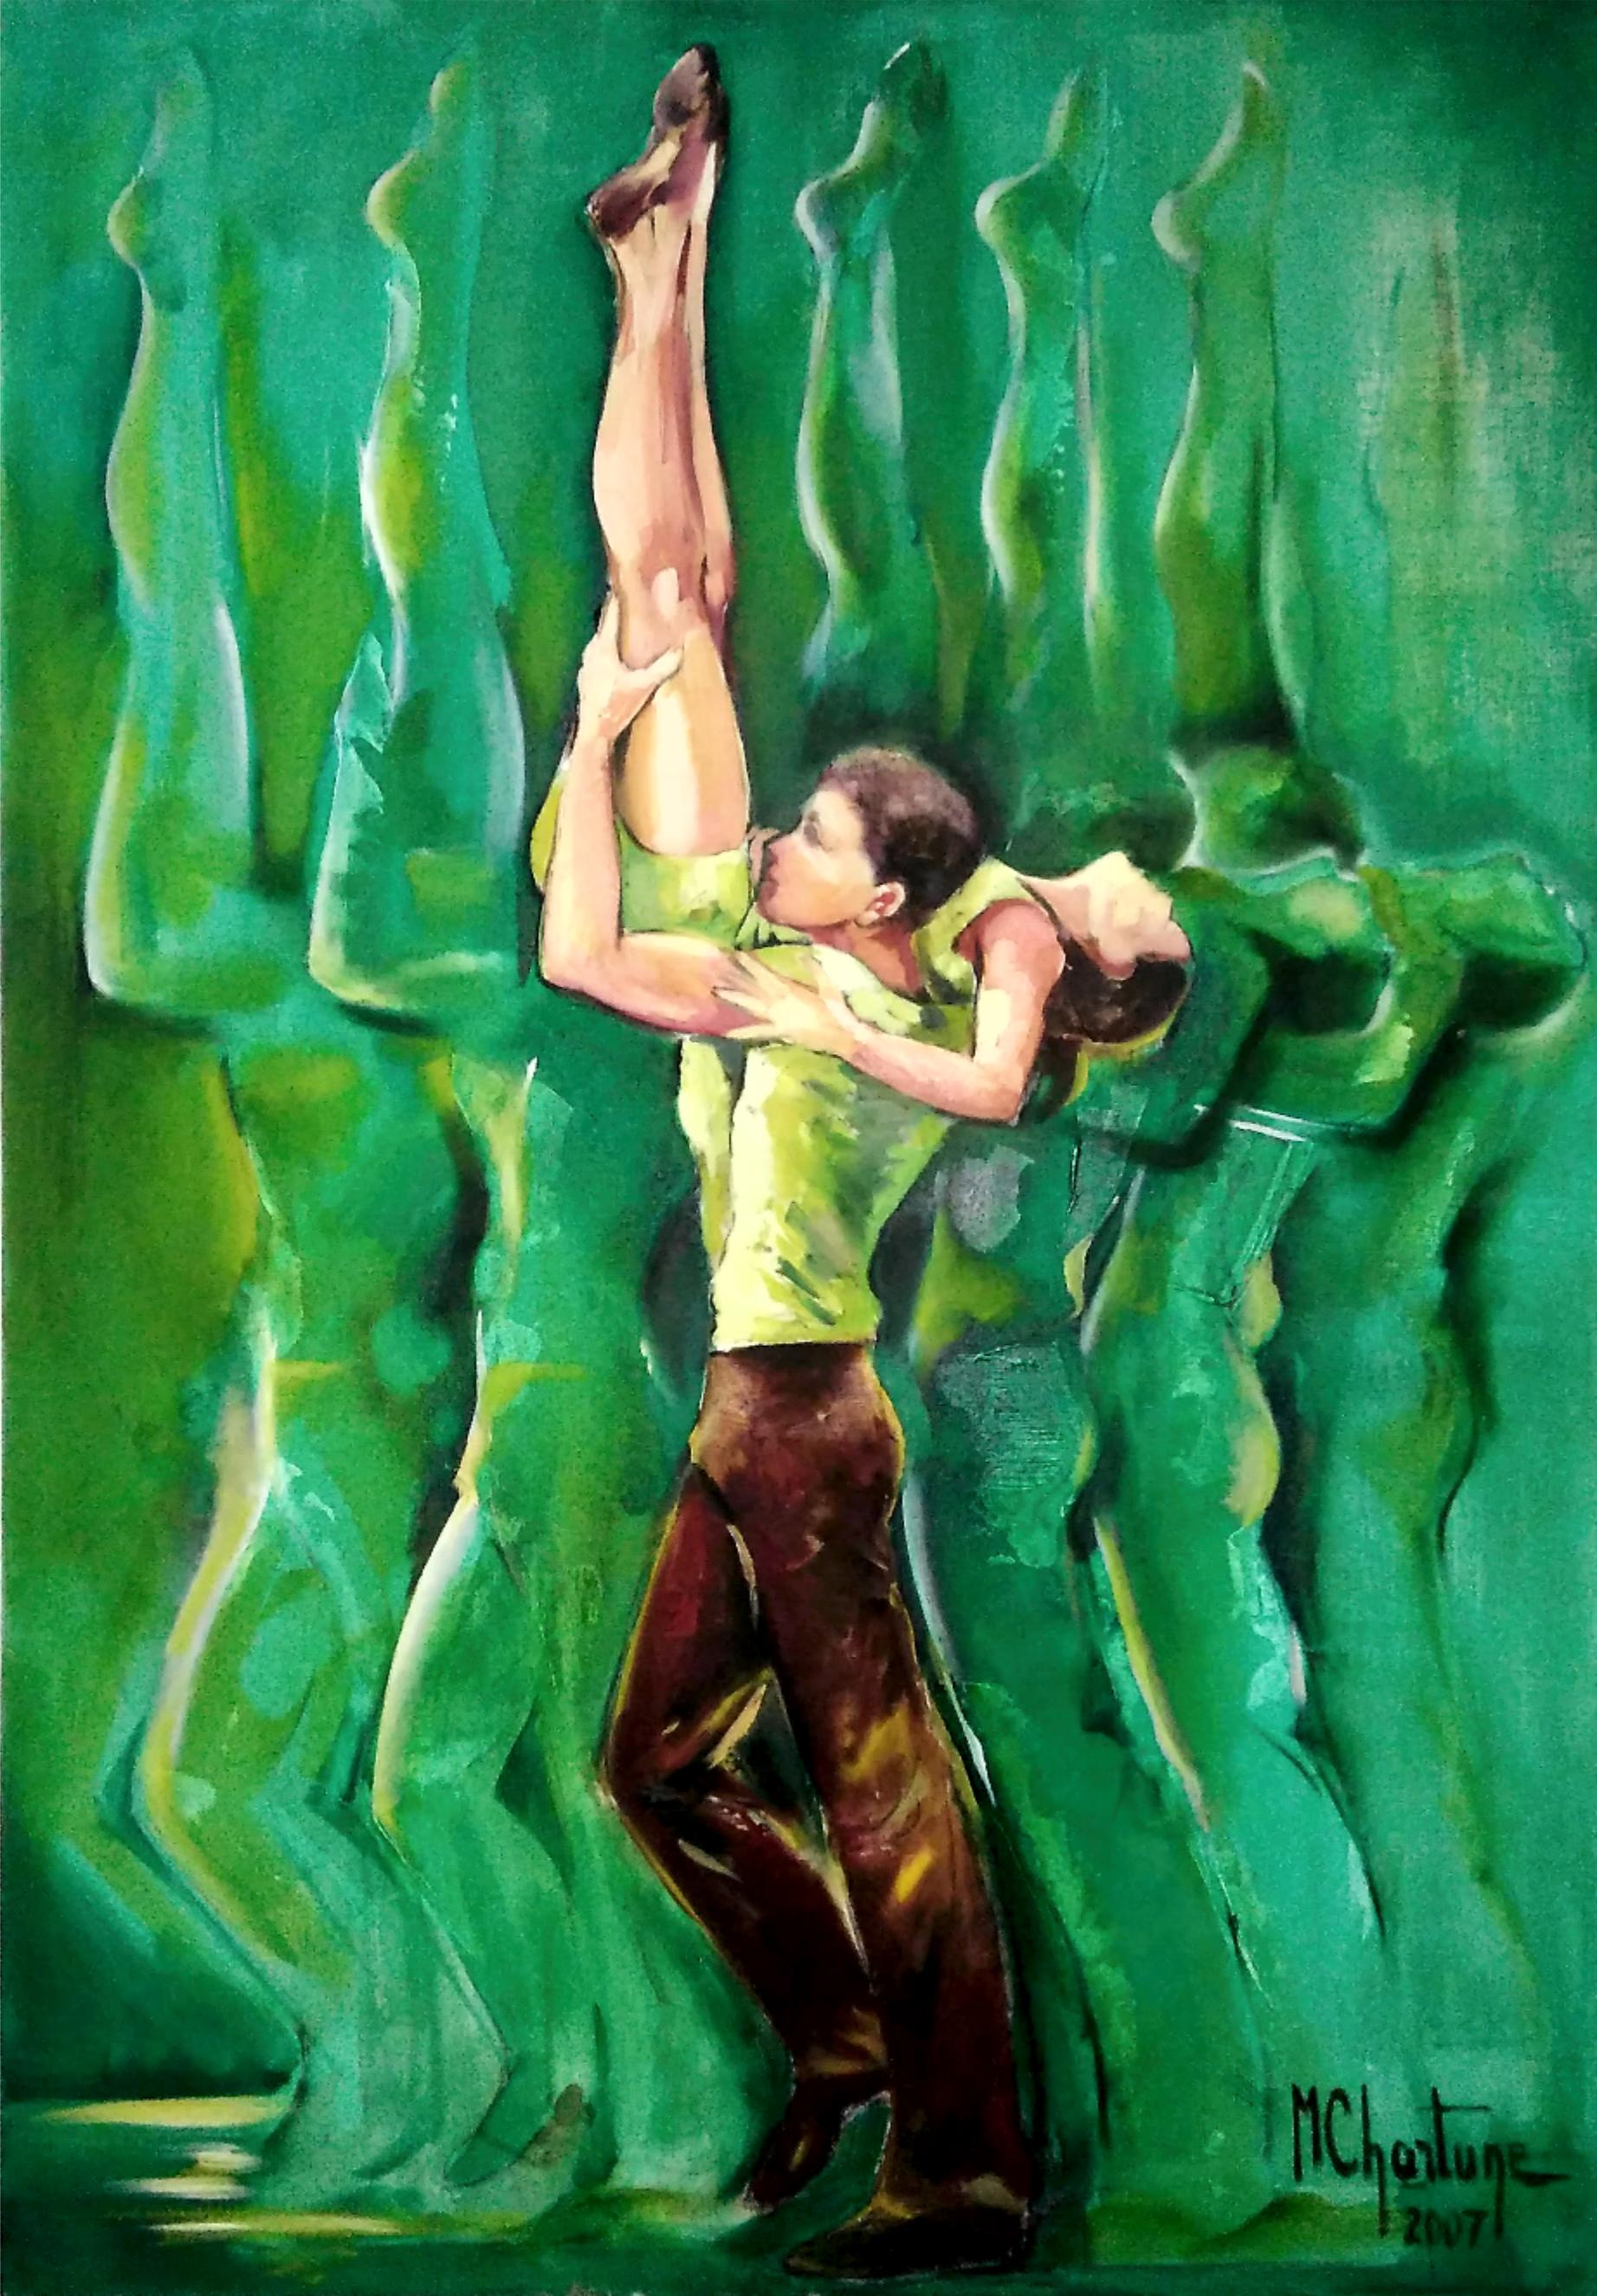 13º Santa Maria em Dança (2007)